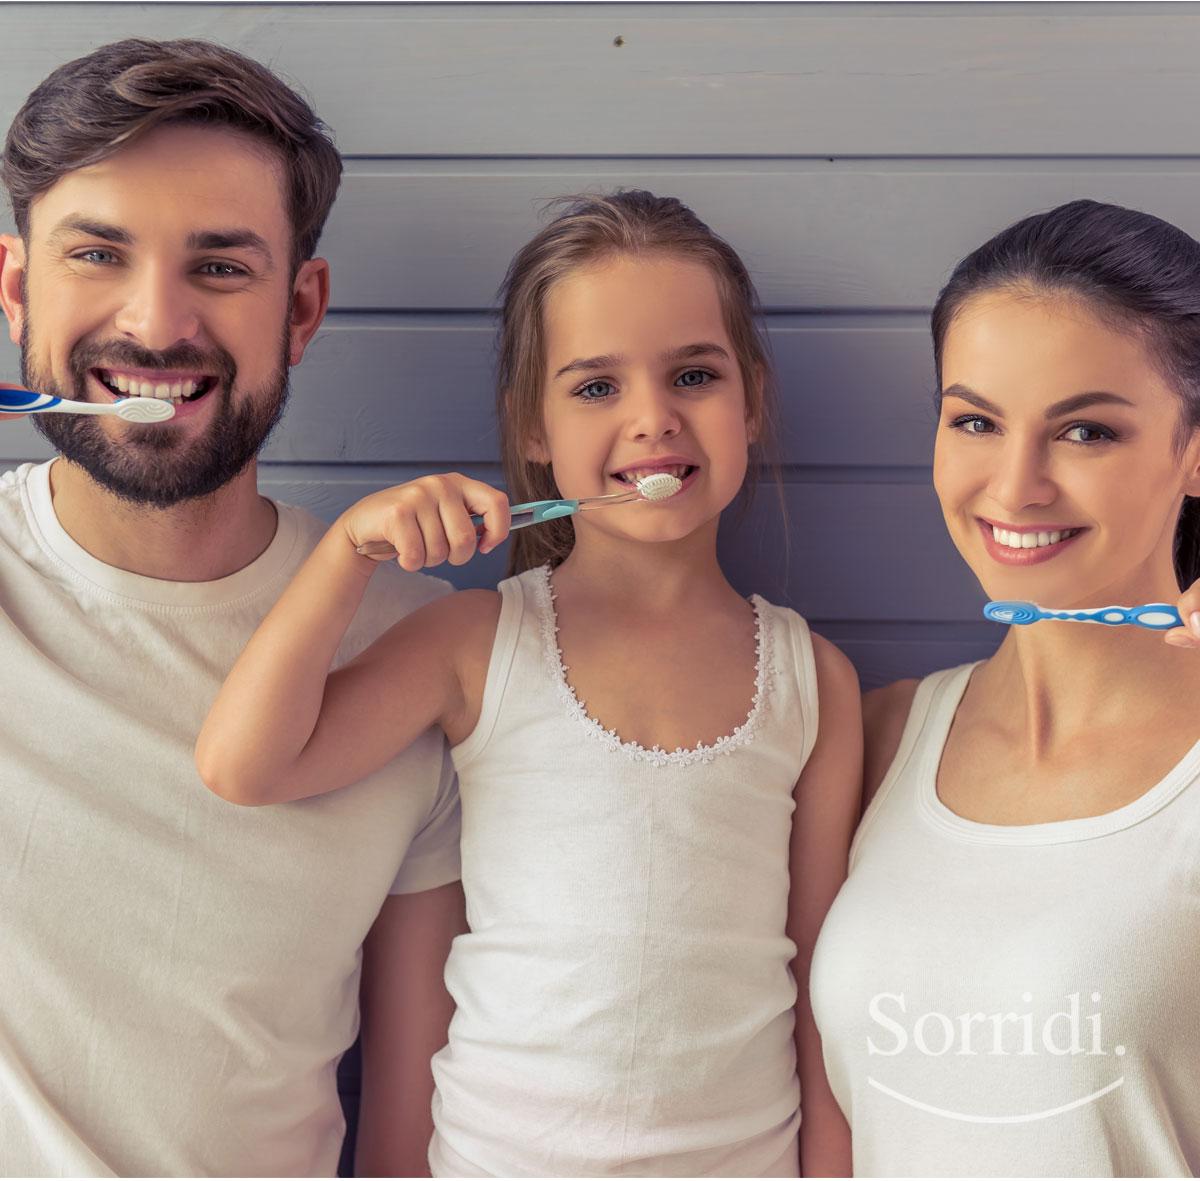 sorridi-ch-magazine-igiene-orale-fuori-casa-adulti-e-bambini